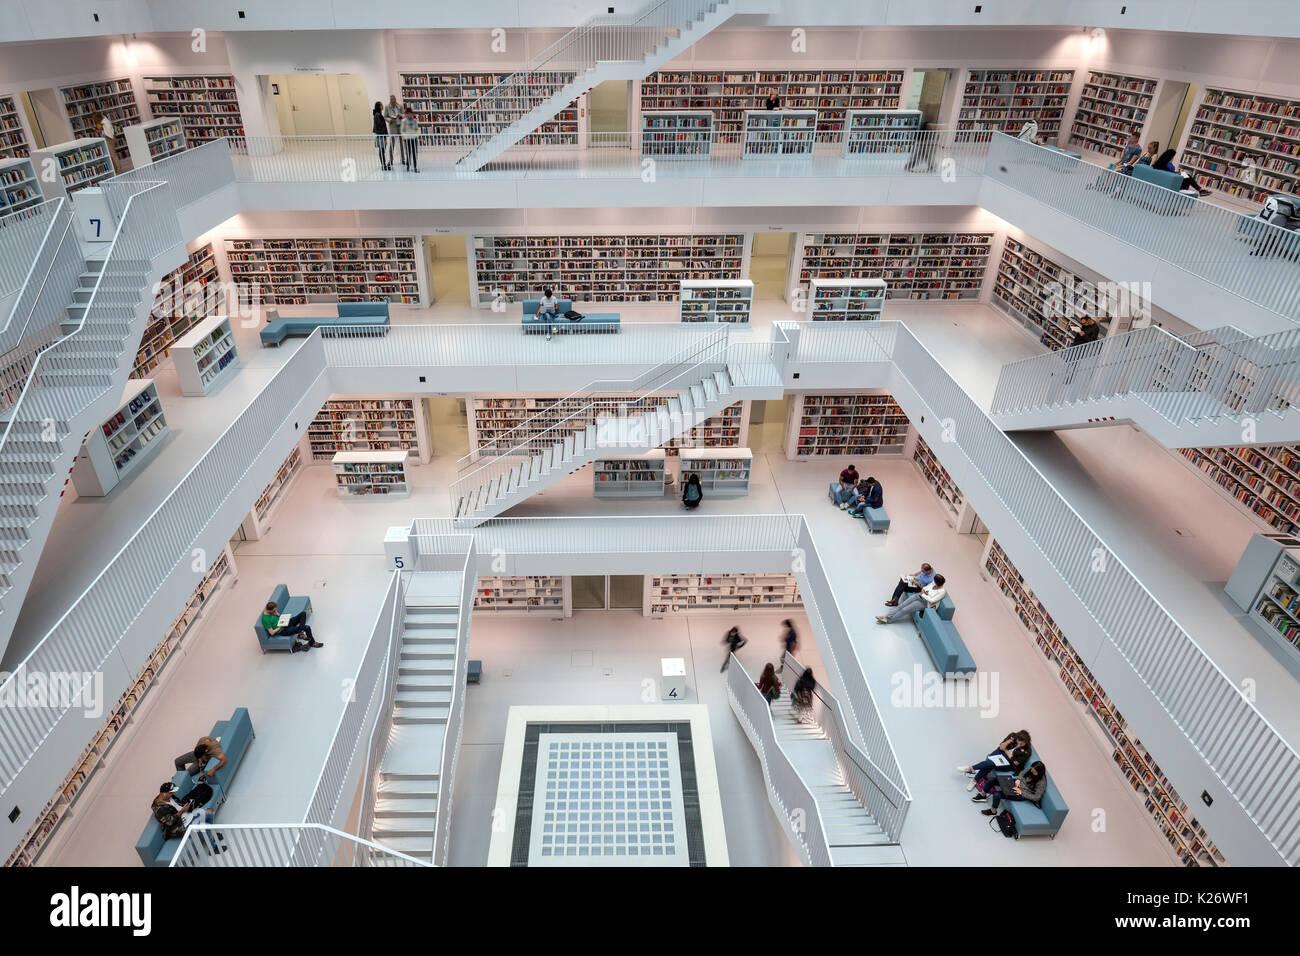 Stuttgart library stock photos stuttgart library stock for Interio stuttgart